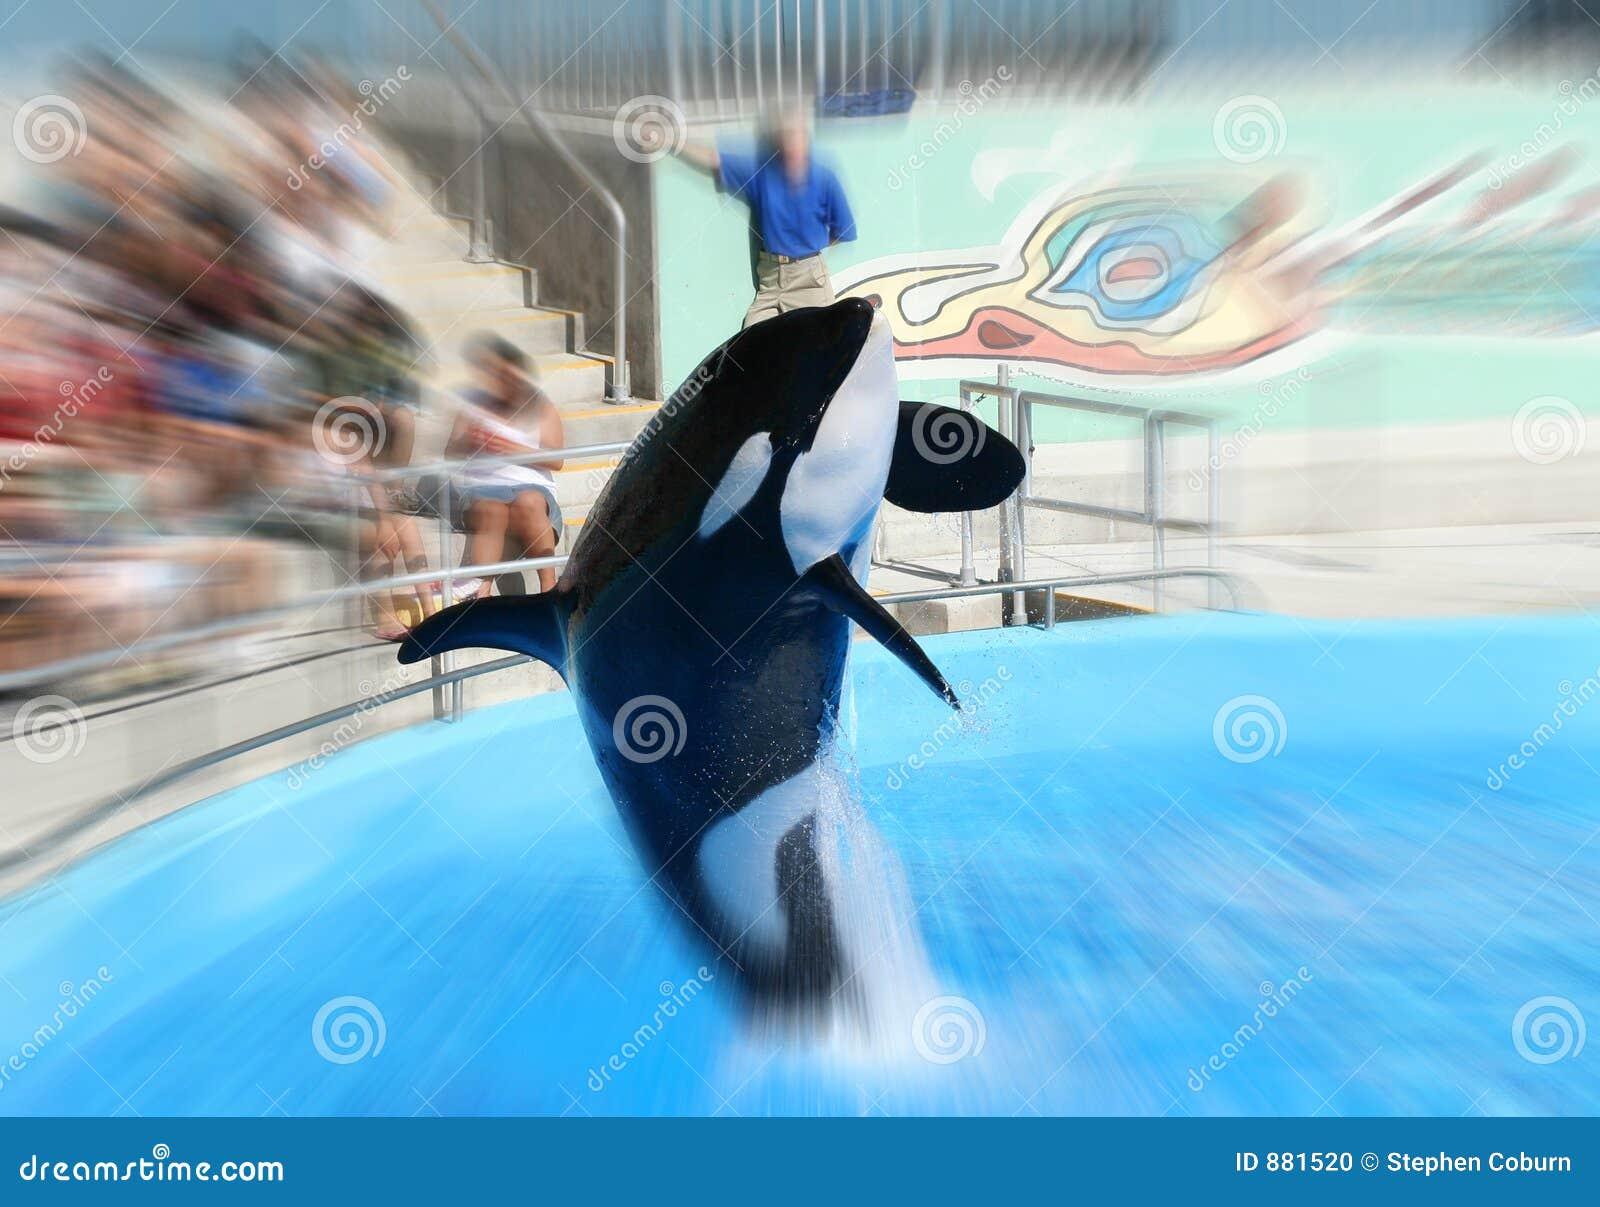 Wieloryb skokowy